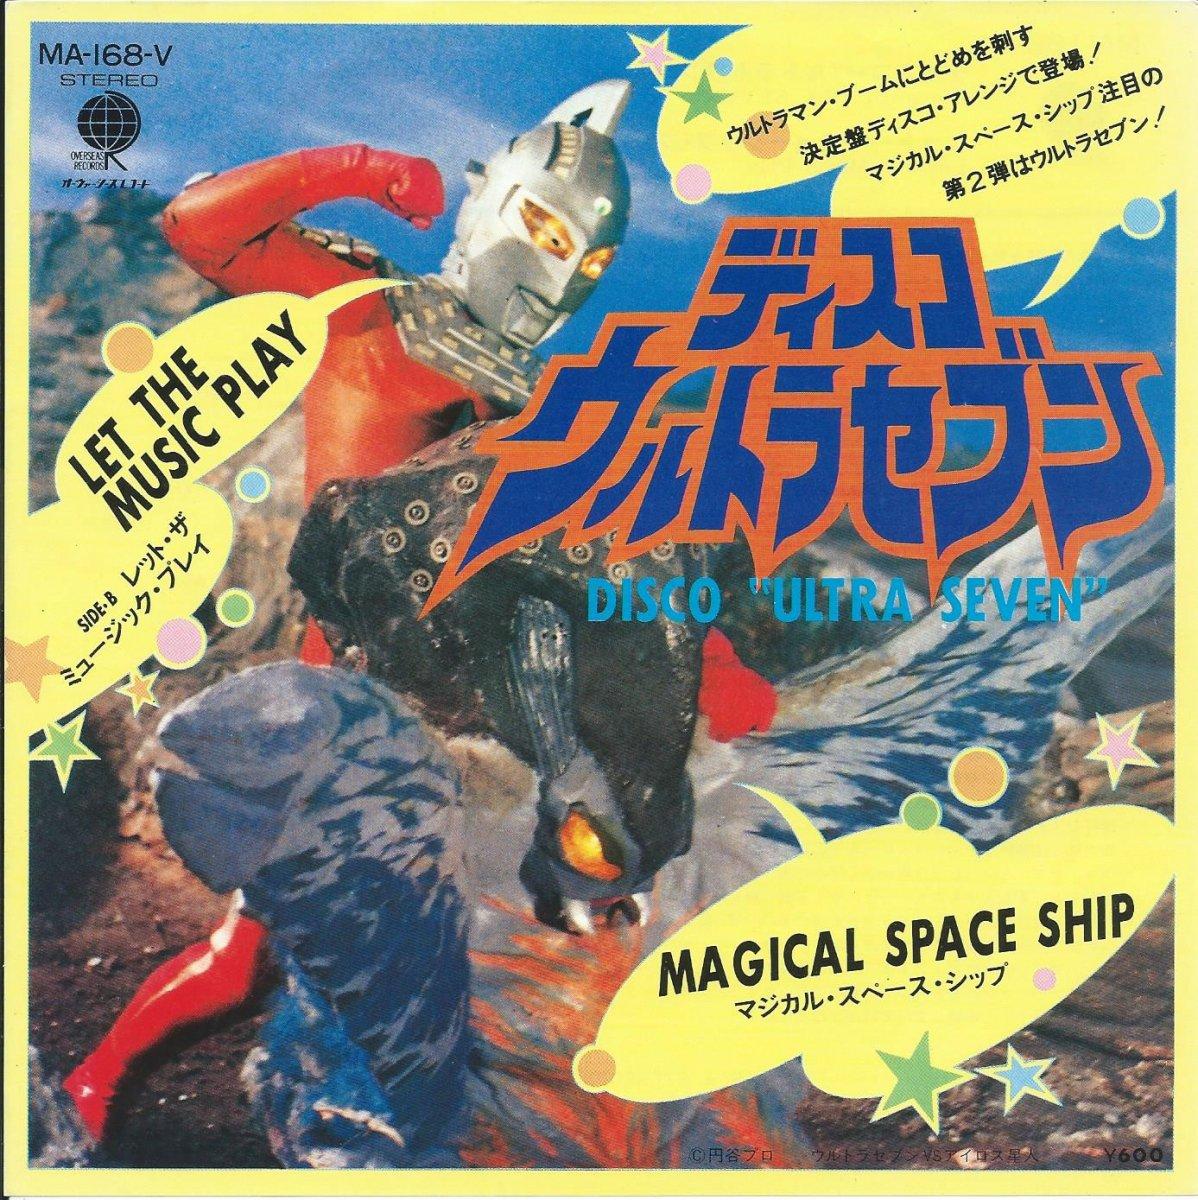 マジカル・スペース・シップ MAGICAL SPACE SHIP / ディスコ・ウルトラ・セブン DISCO